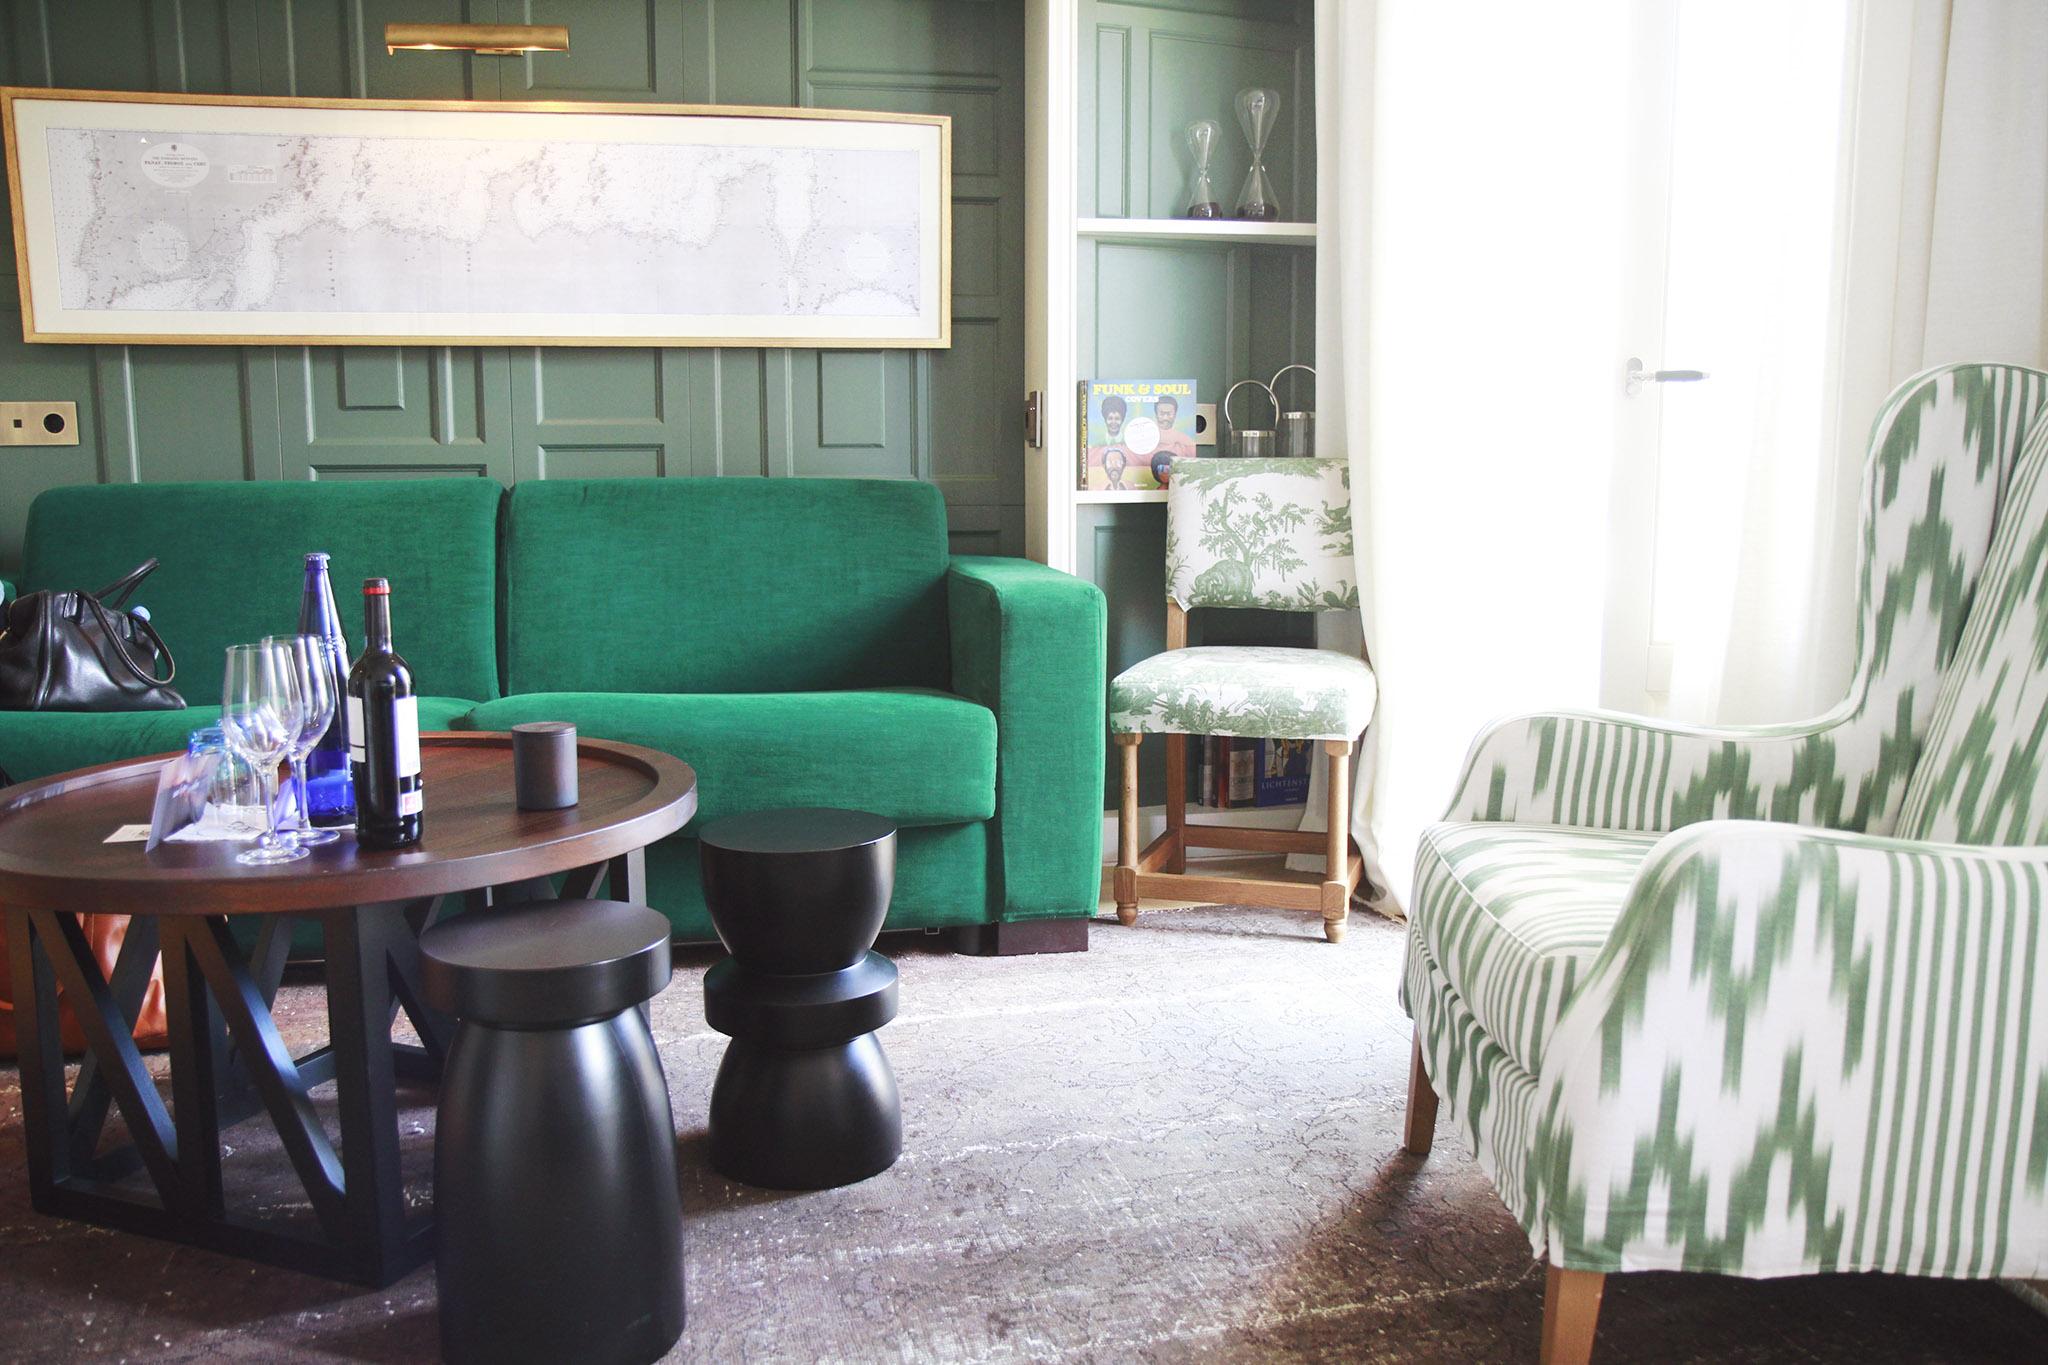 mallorca-HotelCort2-nectarandpulse-roomsandsuits